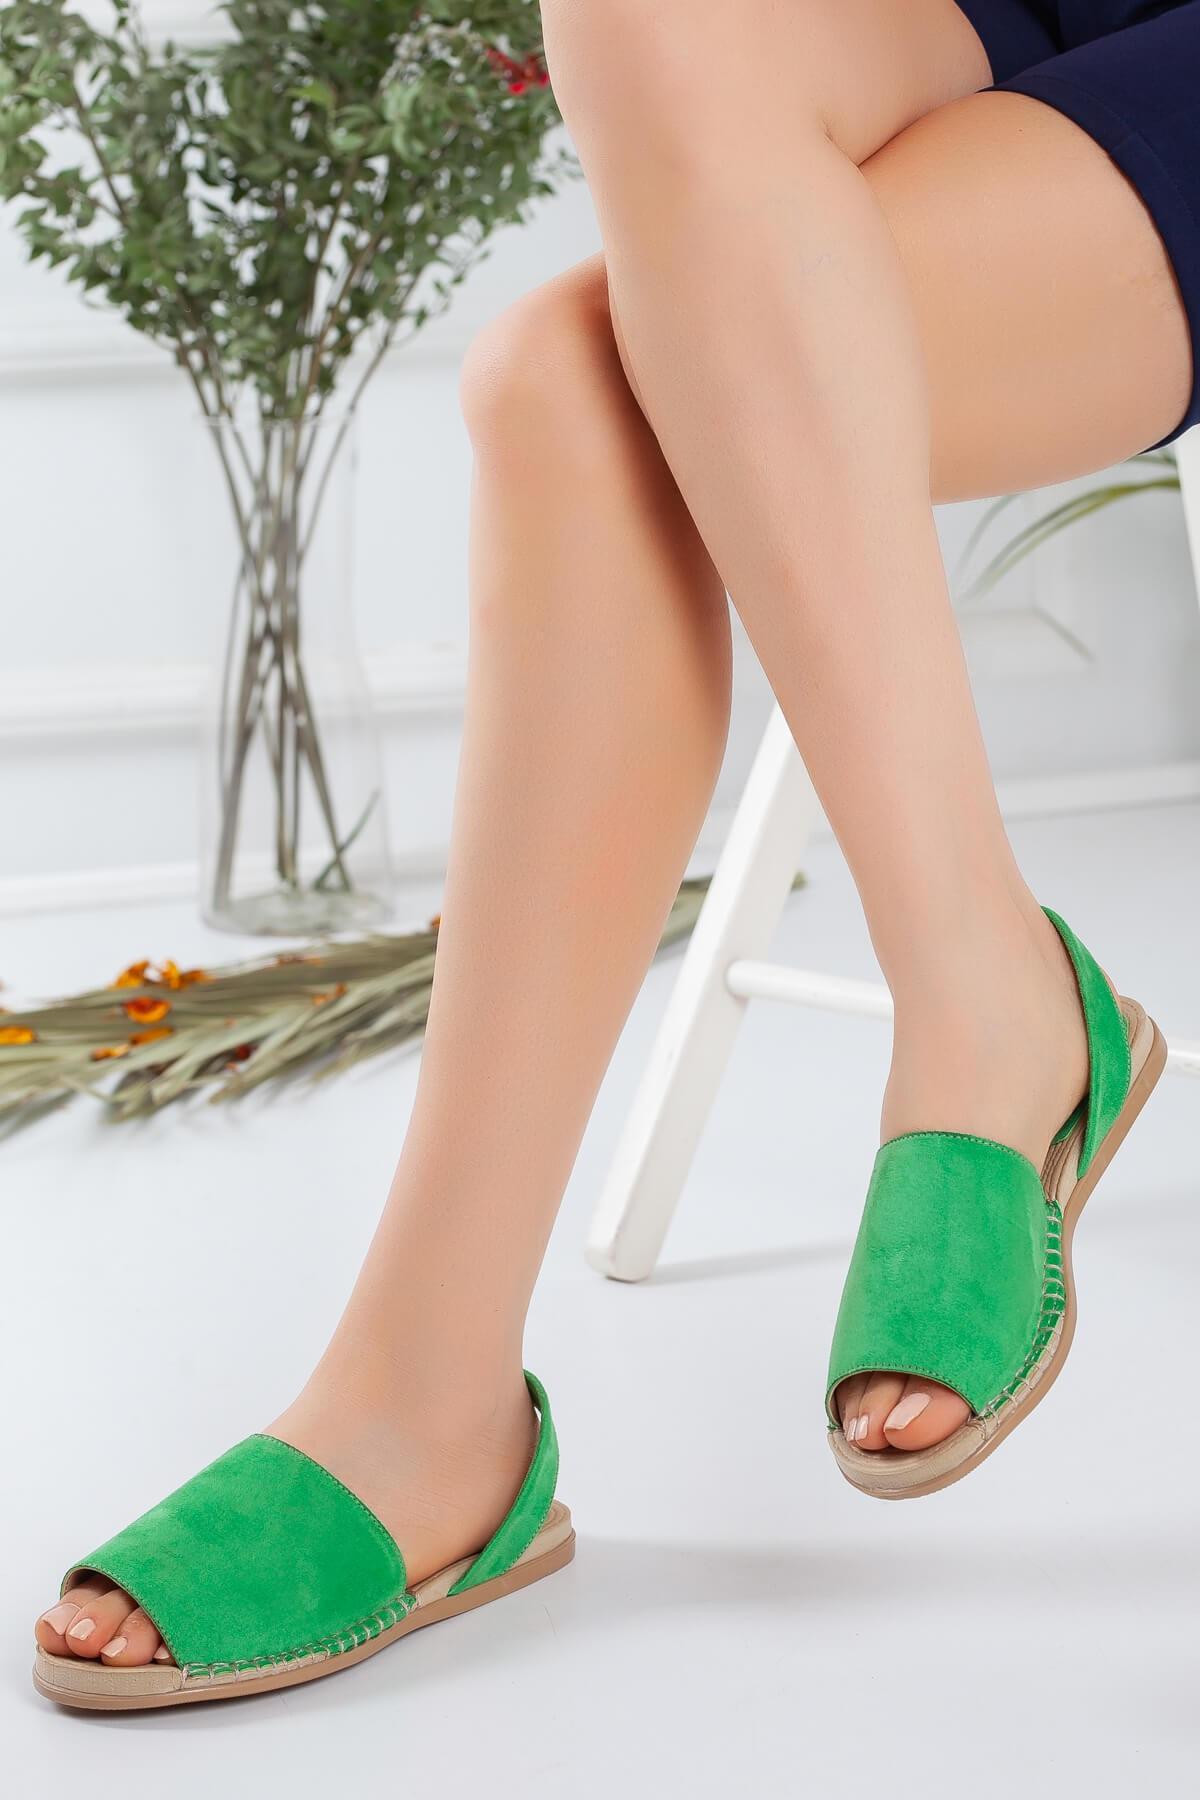 RedShoes Alanzo Yeşil Süet Sandalet